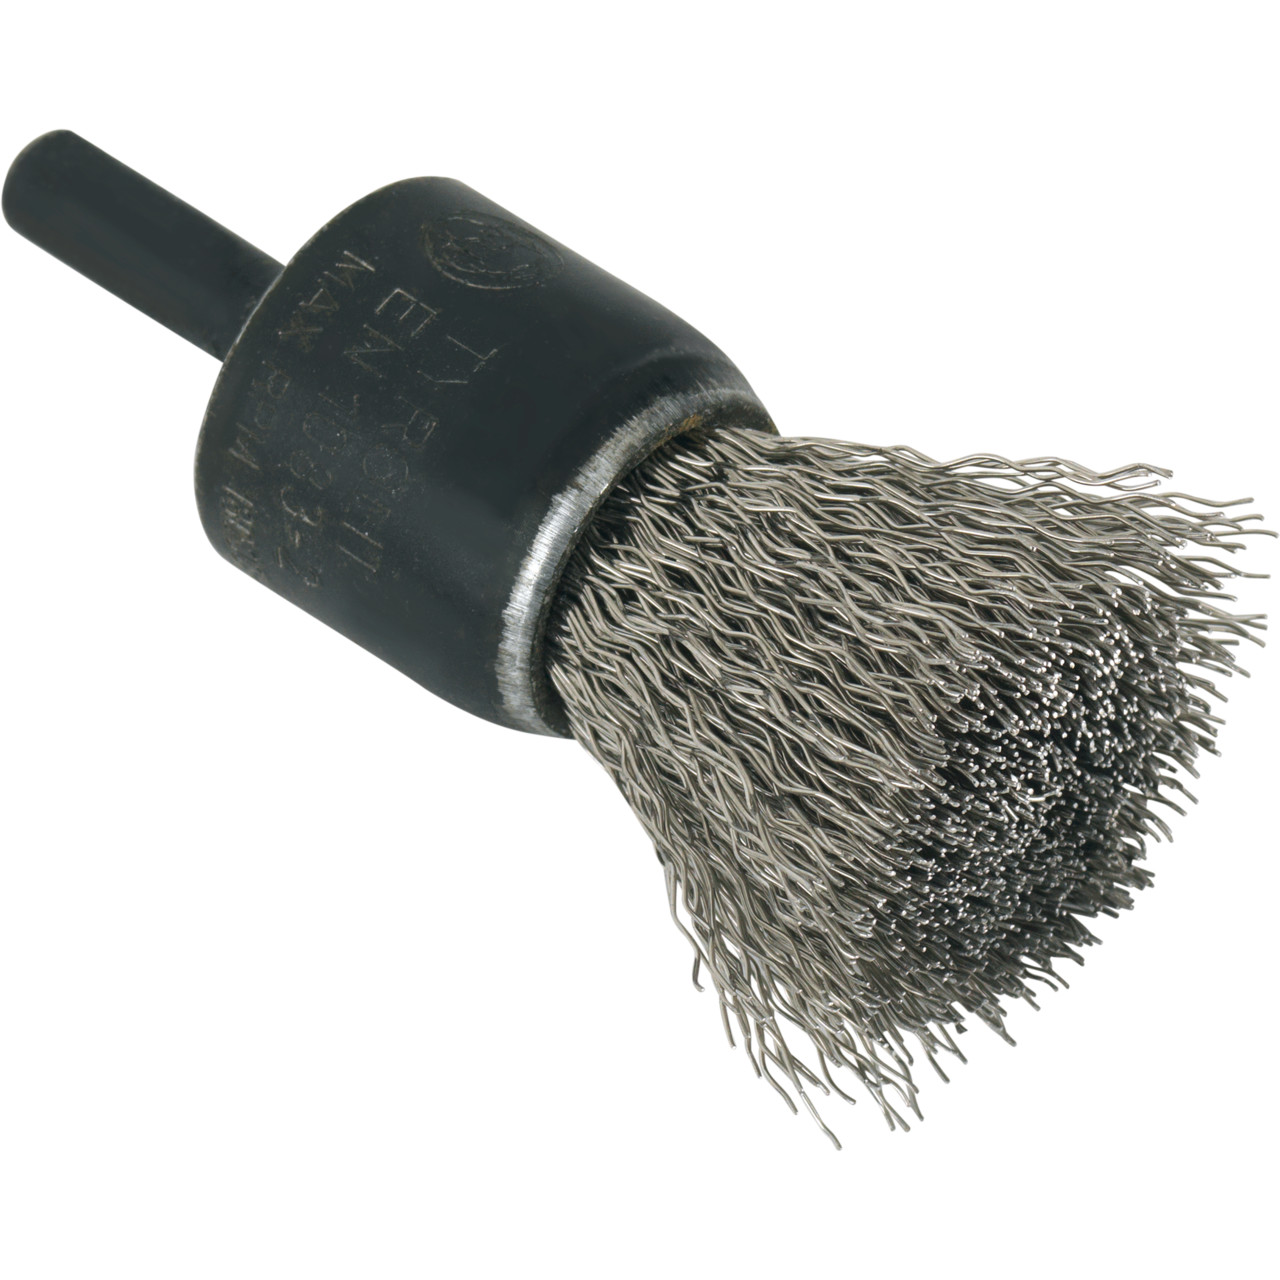 Immagine di Spazzole a pennello PREMIUM*** per acciaio inossidabile